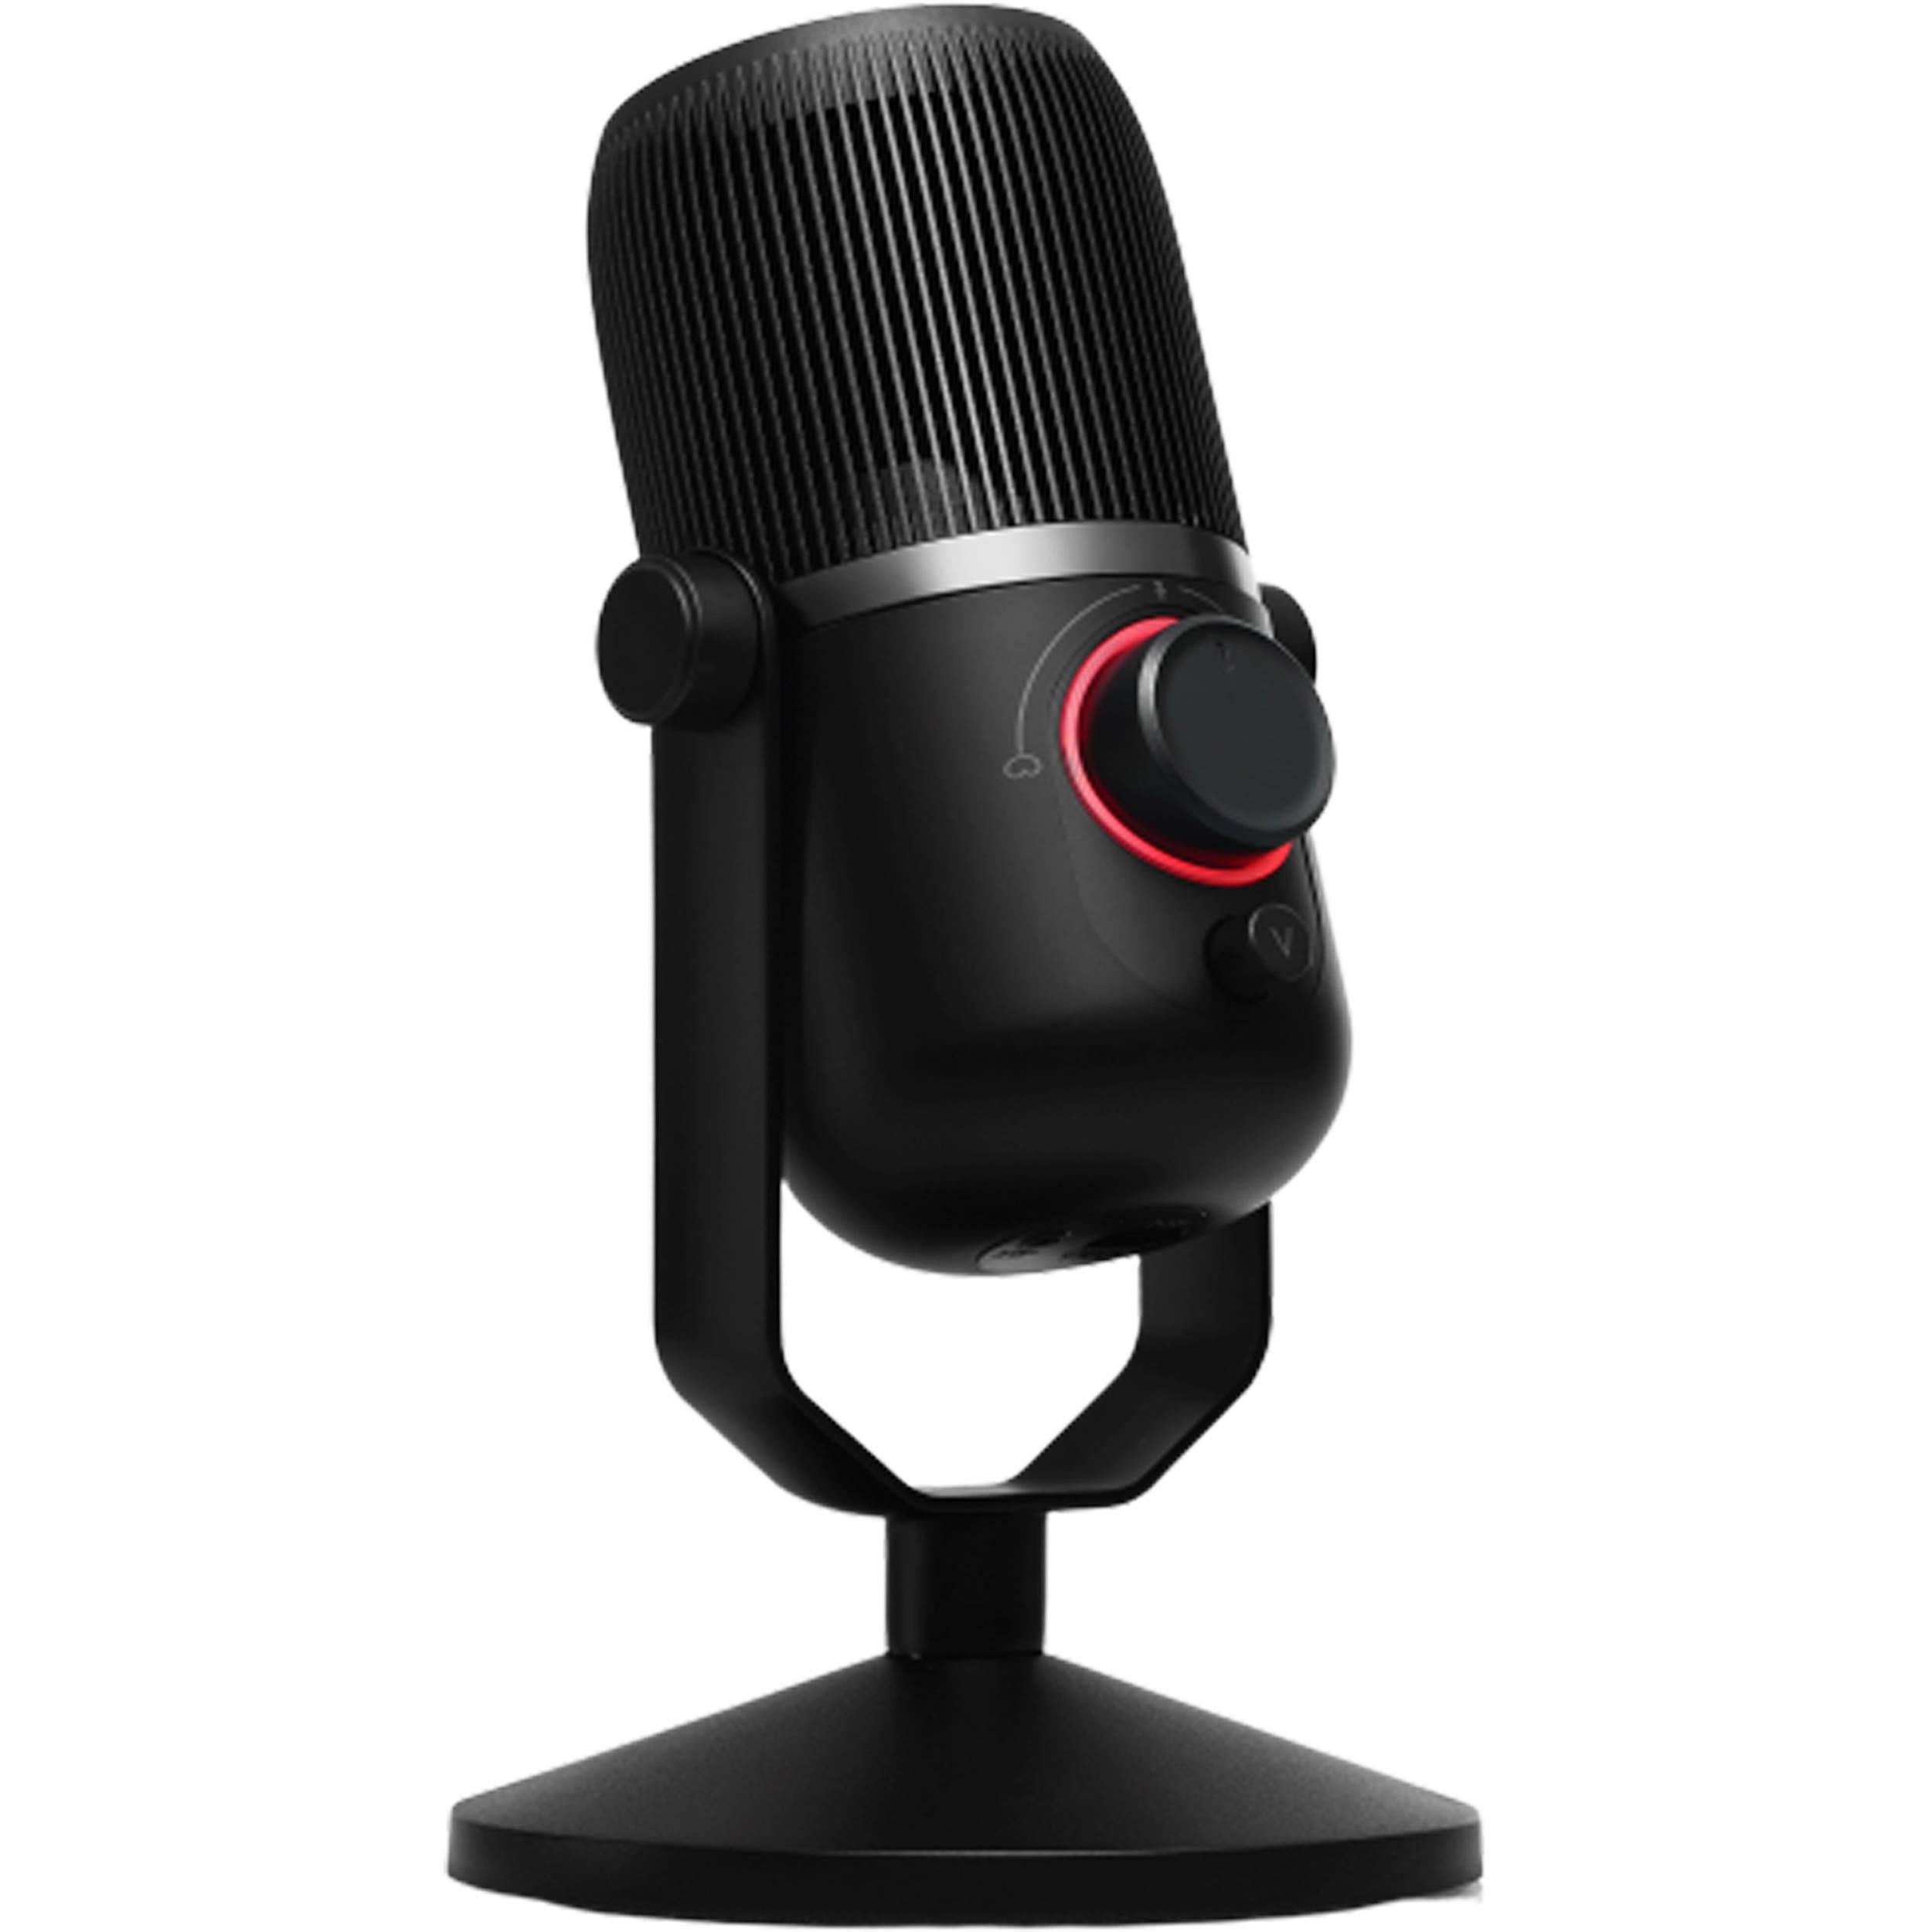 میکروفون استودیویی ترونمکس مدل zero